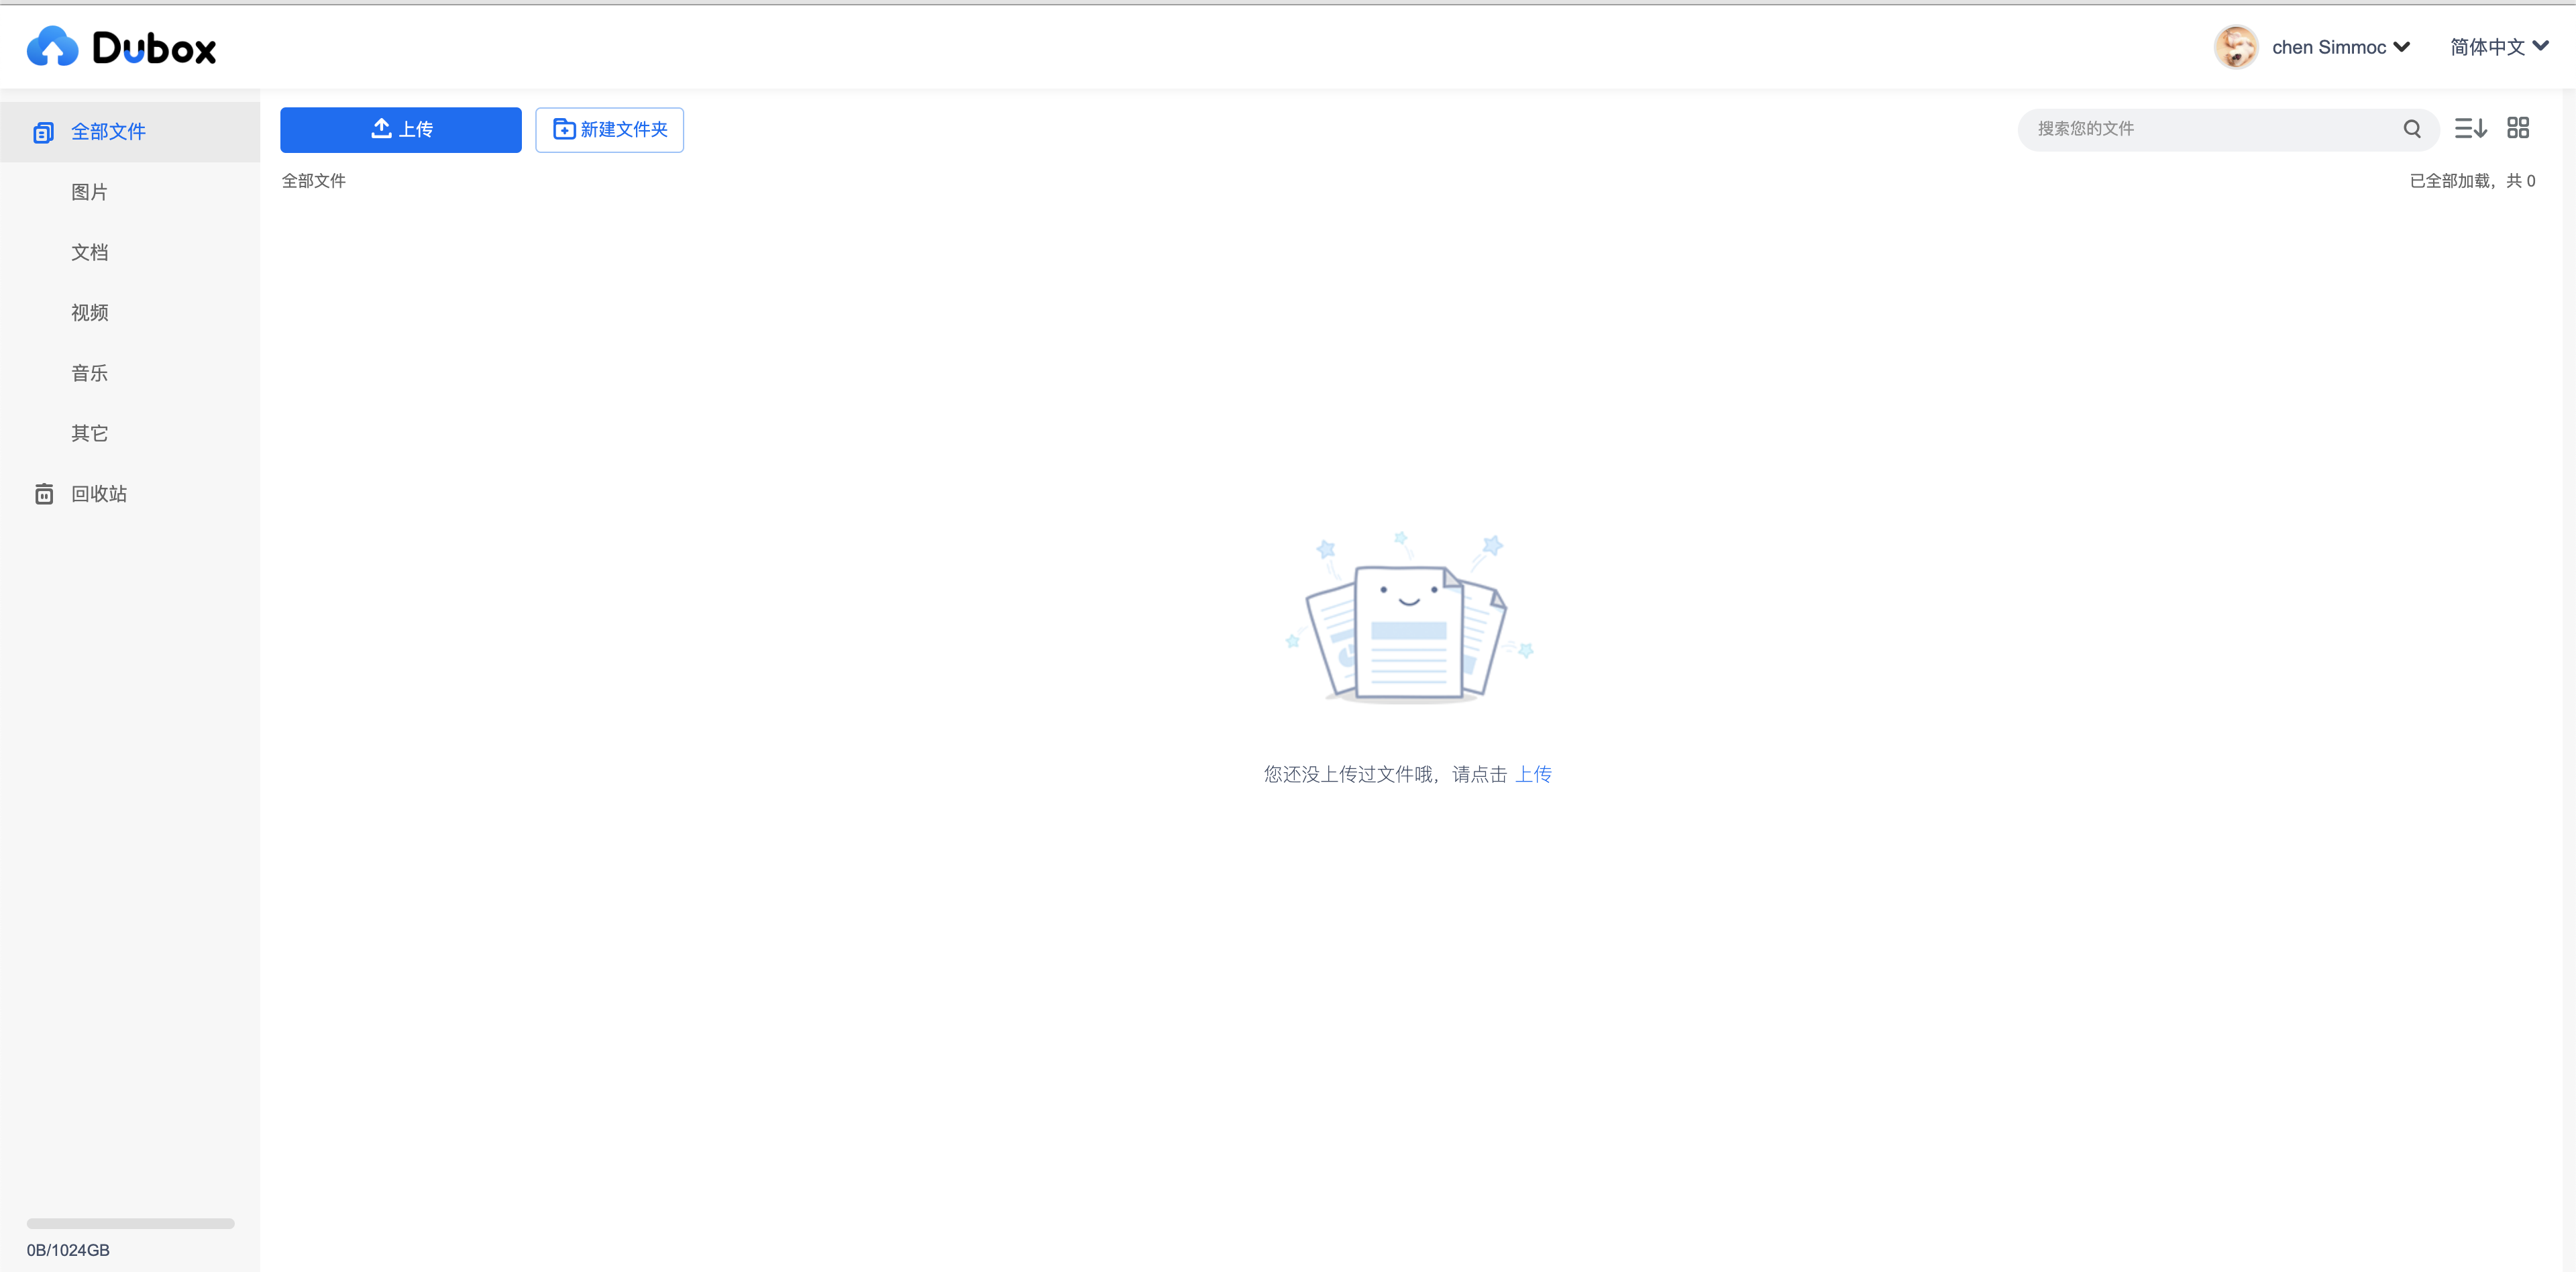 百度网盘国际版Dubox开放公测